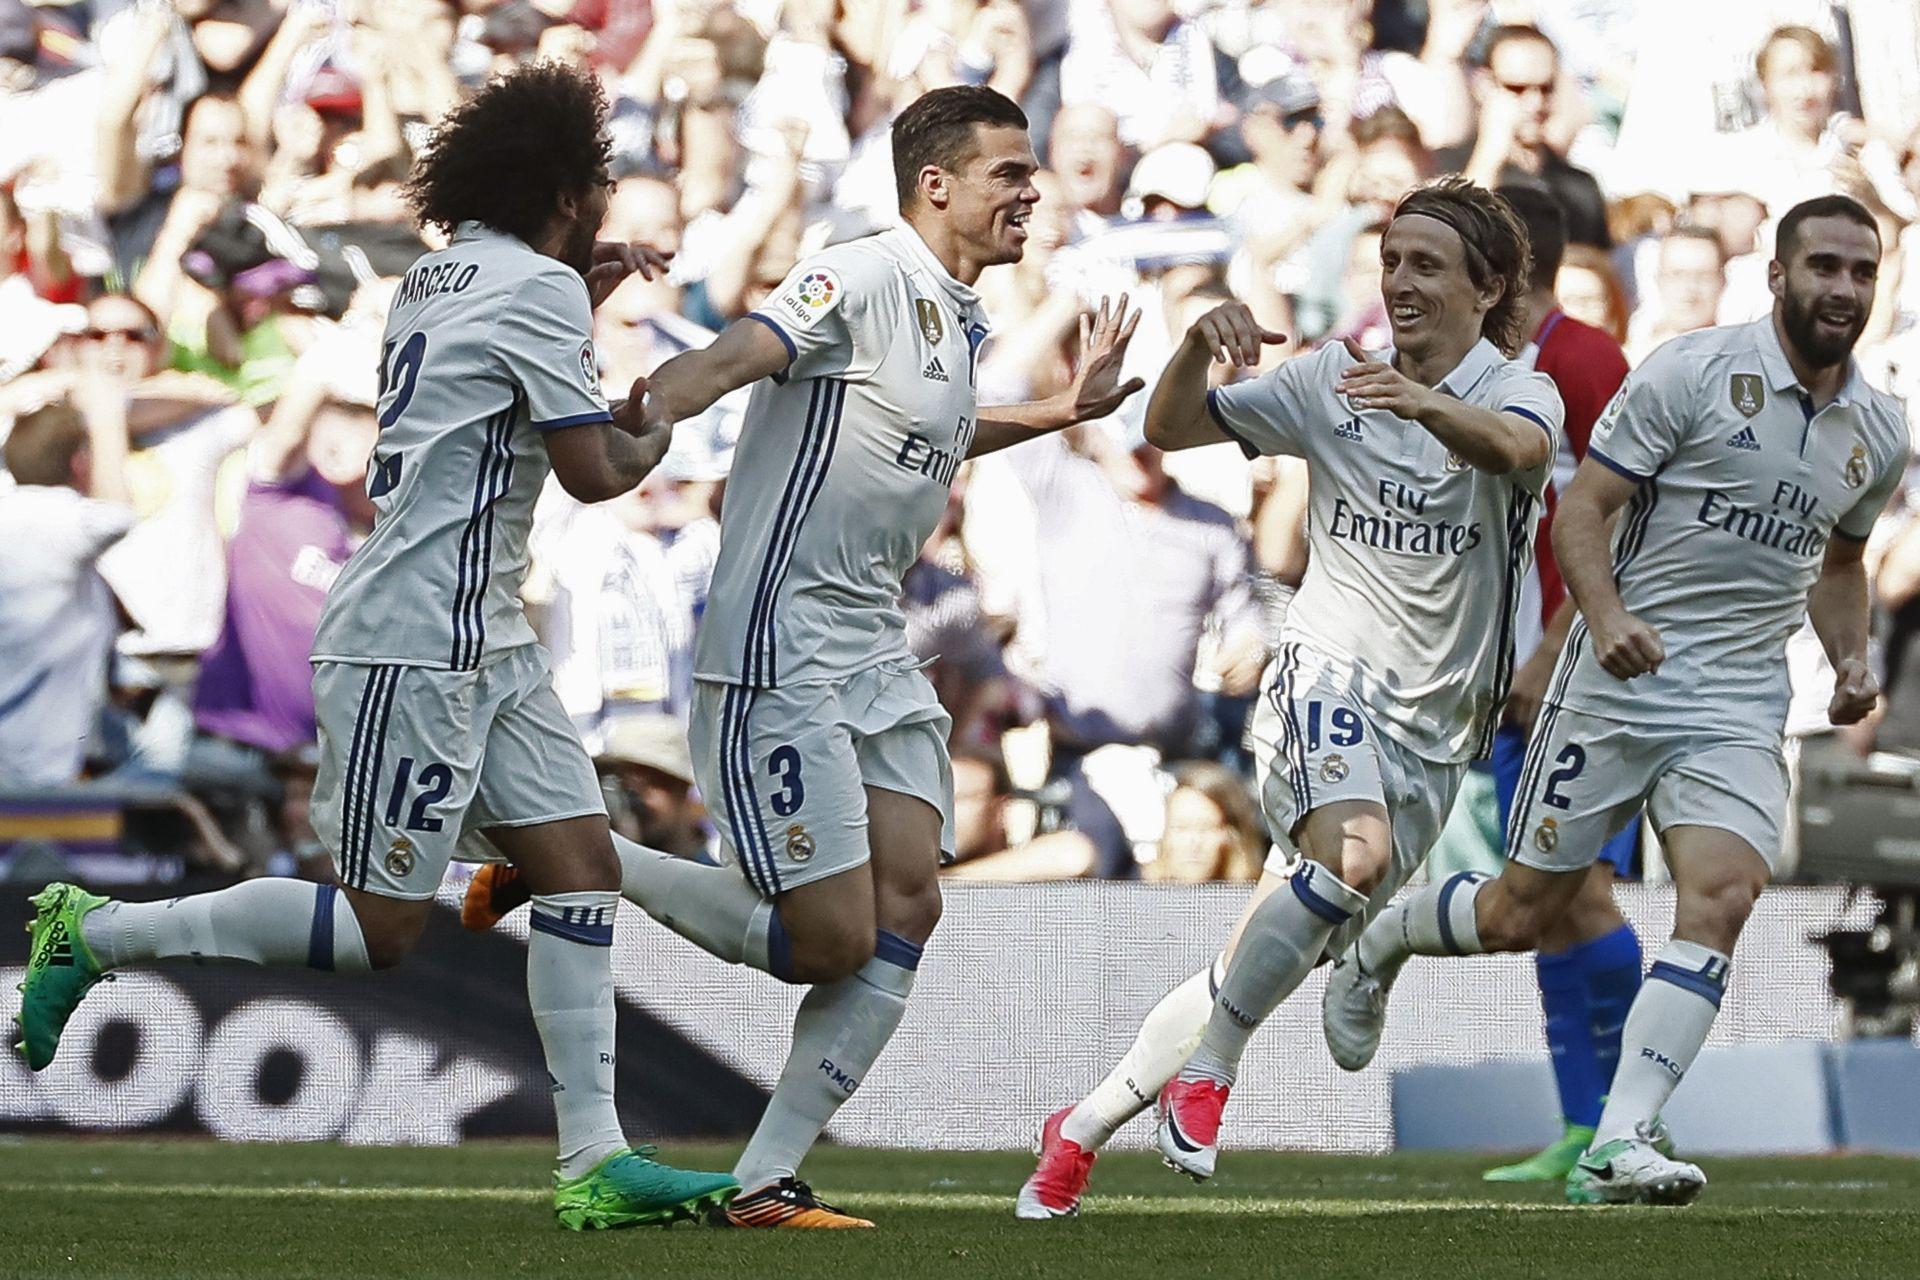 Santiago Bernabeu: Real – Atletico 1:1